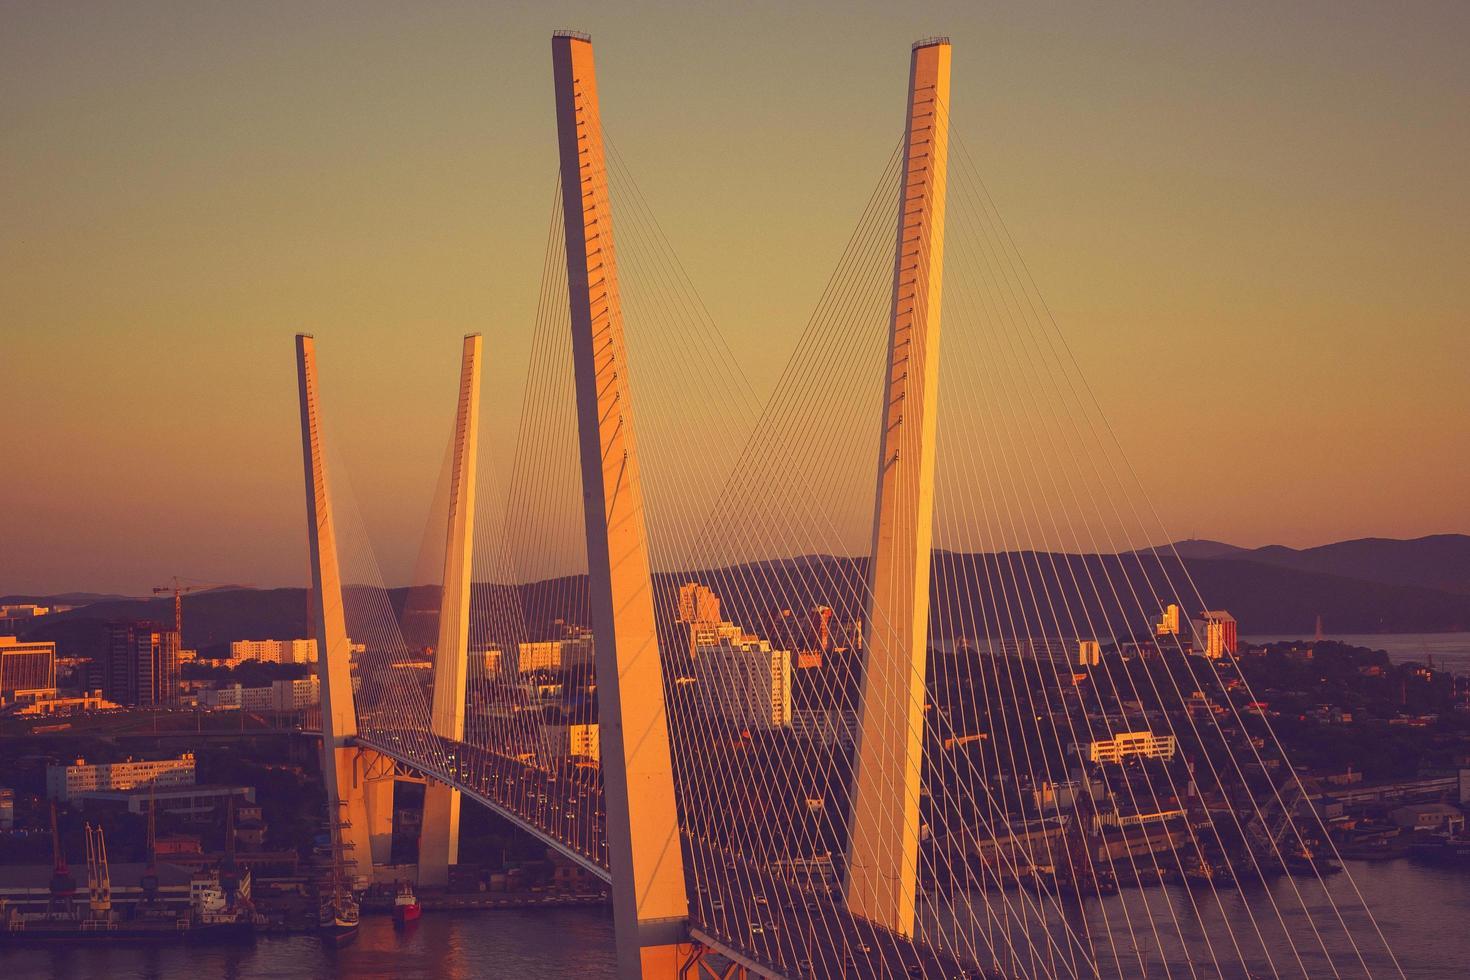 nattsikt över bron av det gyllene hornet. Vladivostok, Ryssland foto